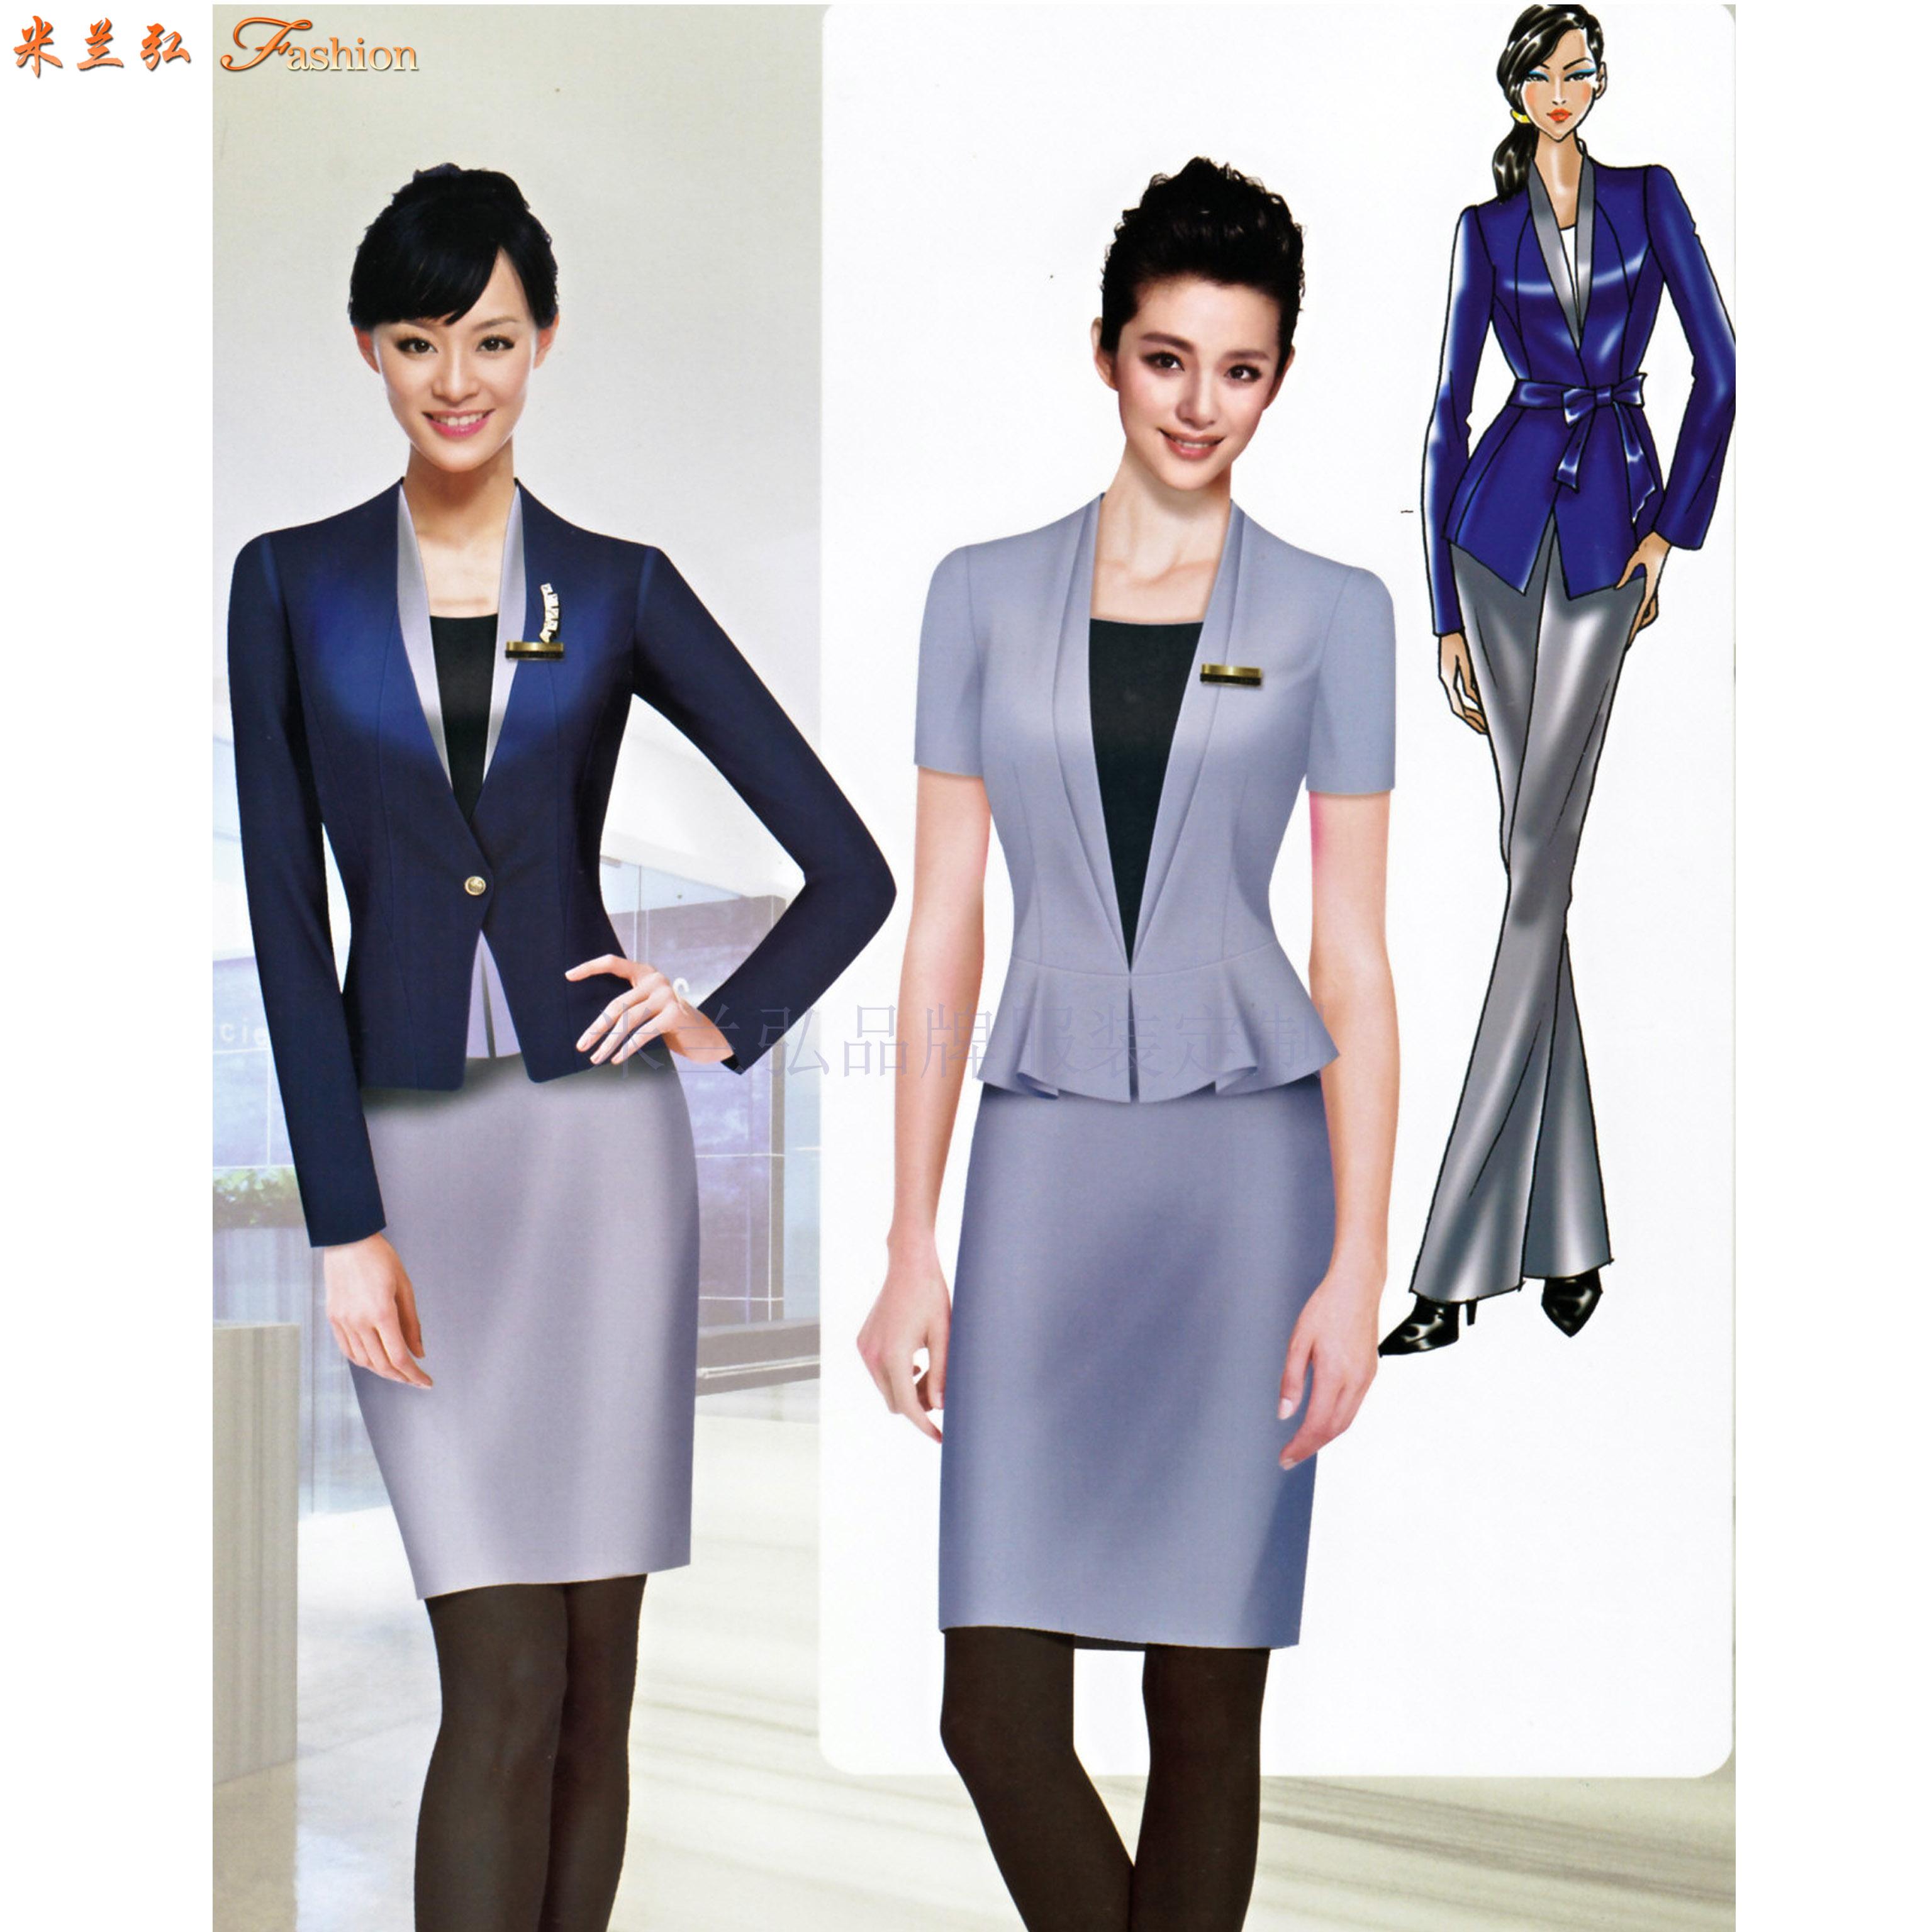 廣東職業裝定做-新穎潮流職業裝訂制-米蘭弘服裝-2